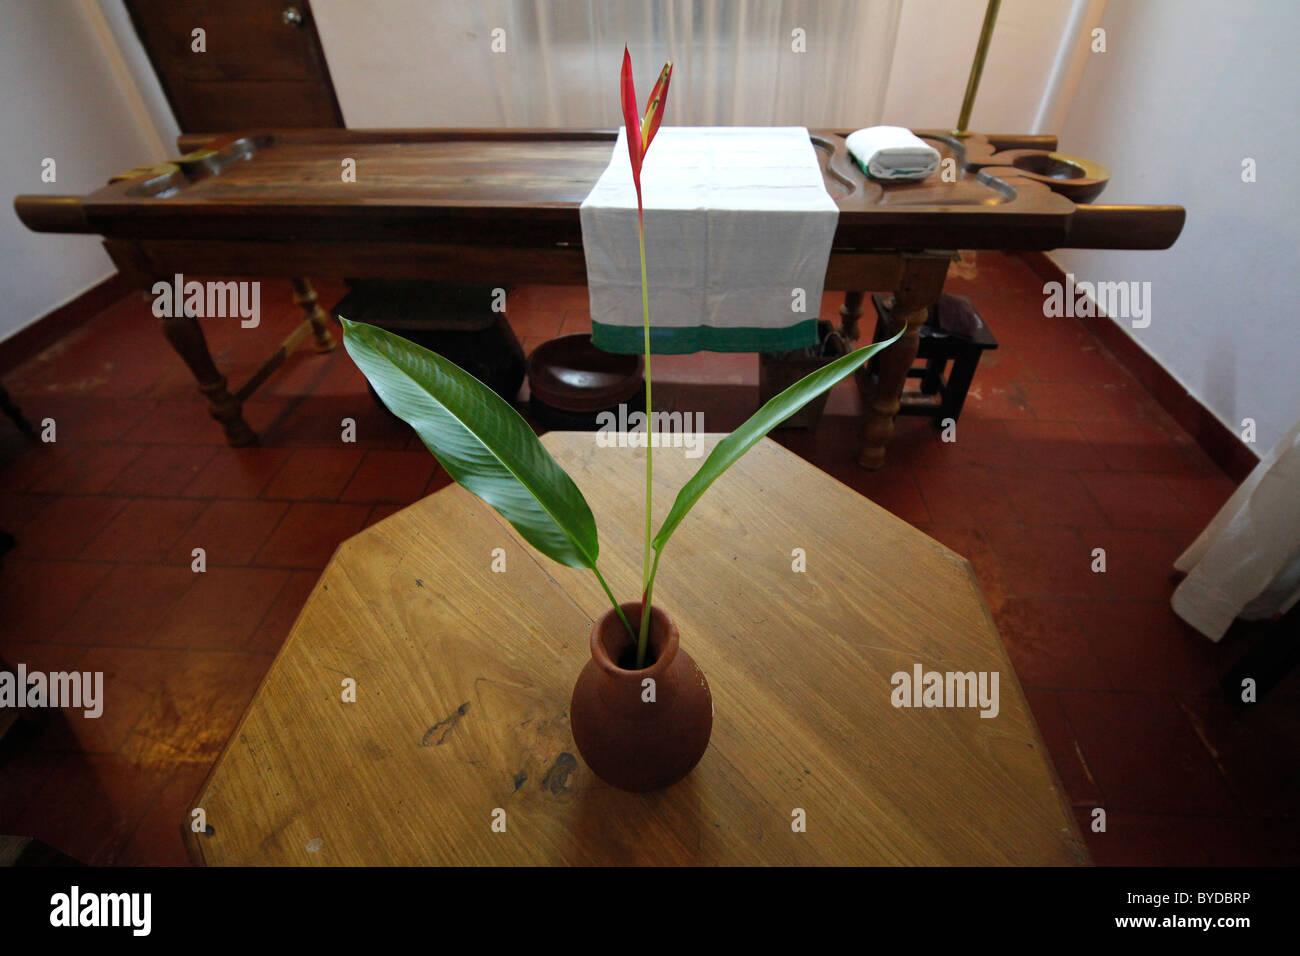 Massageraum luxus  Ayurveda, Massagebank, alte Massageraum, Luxus-Hotel, Hotel Fort ...